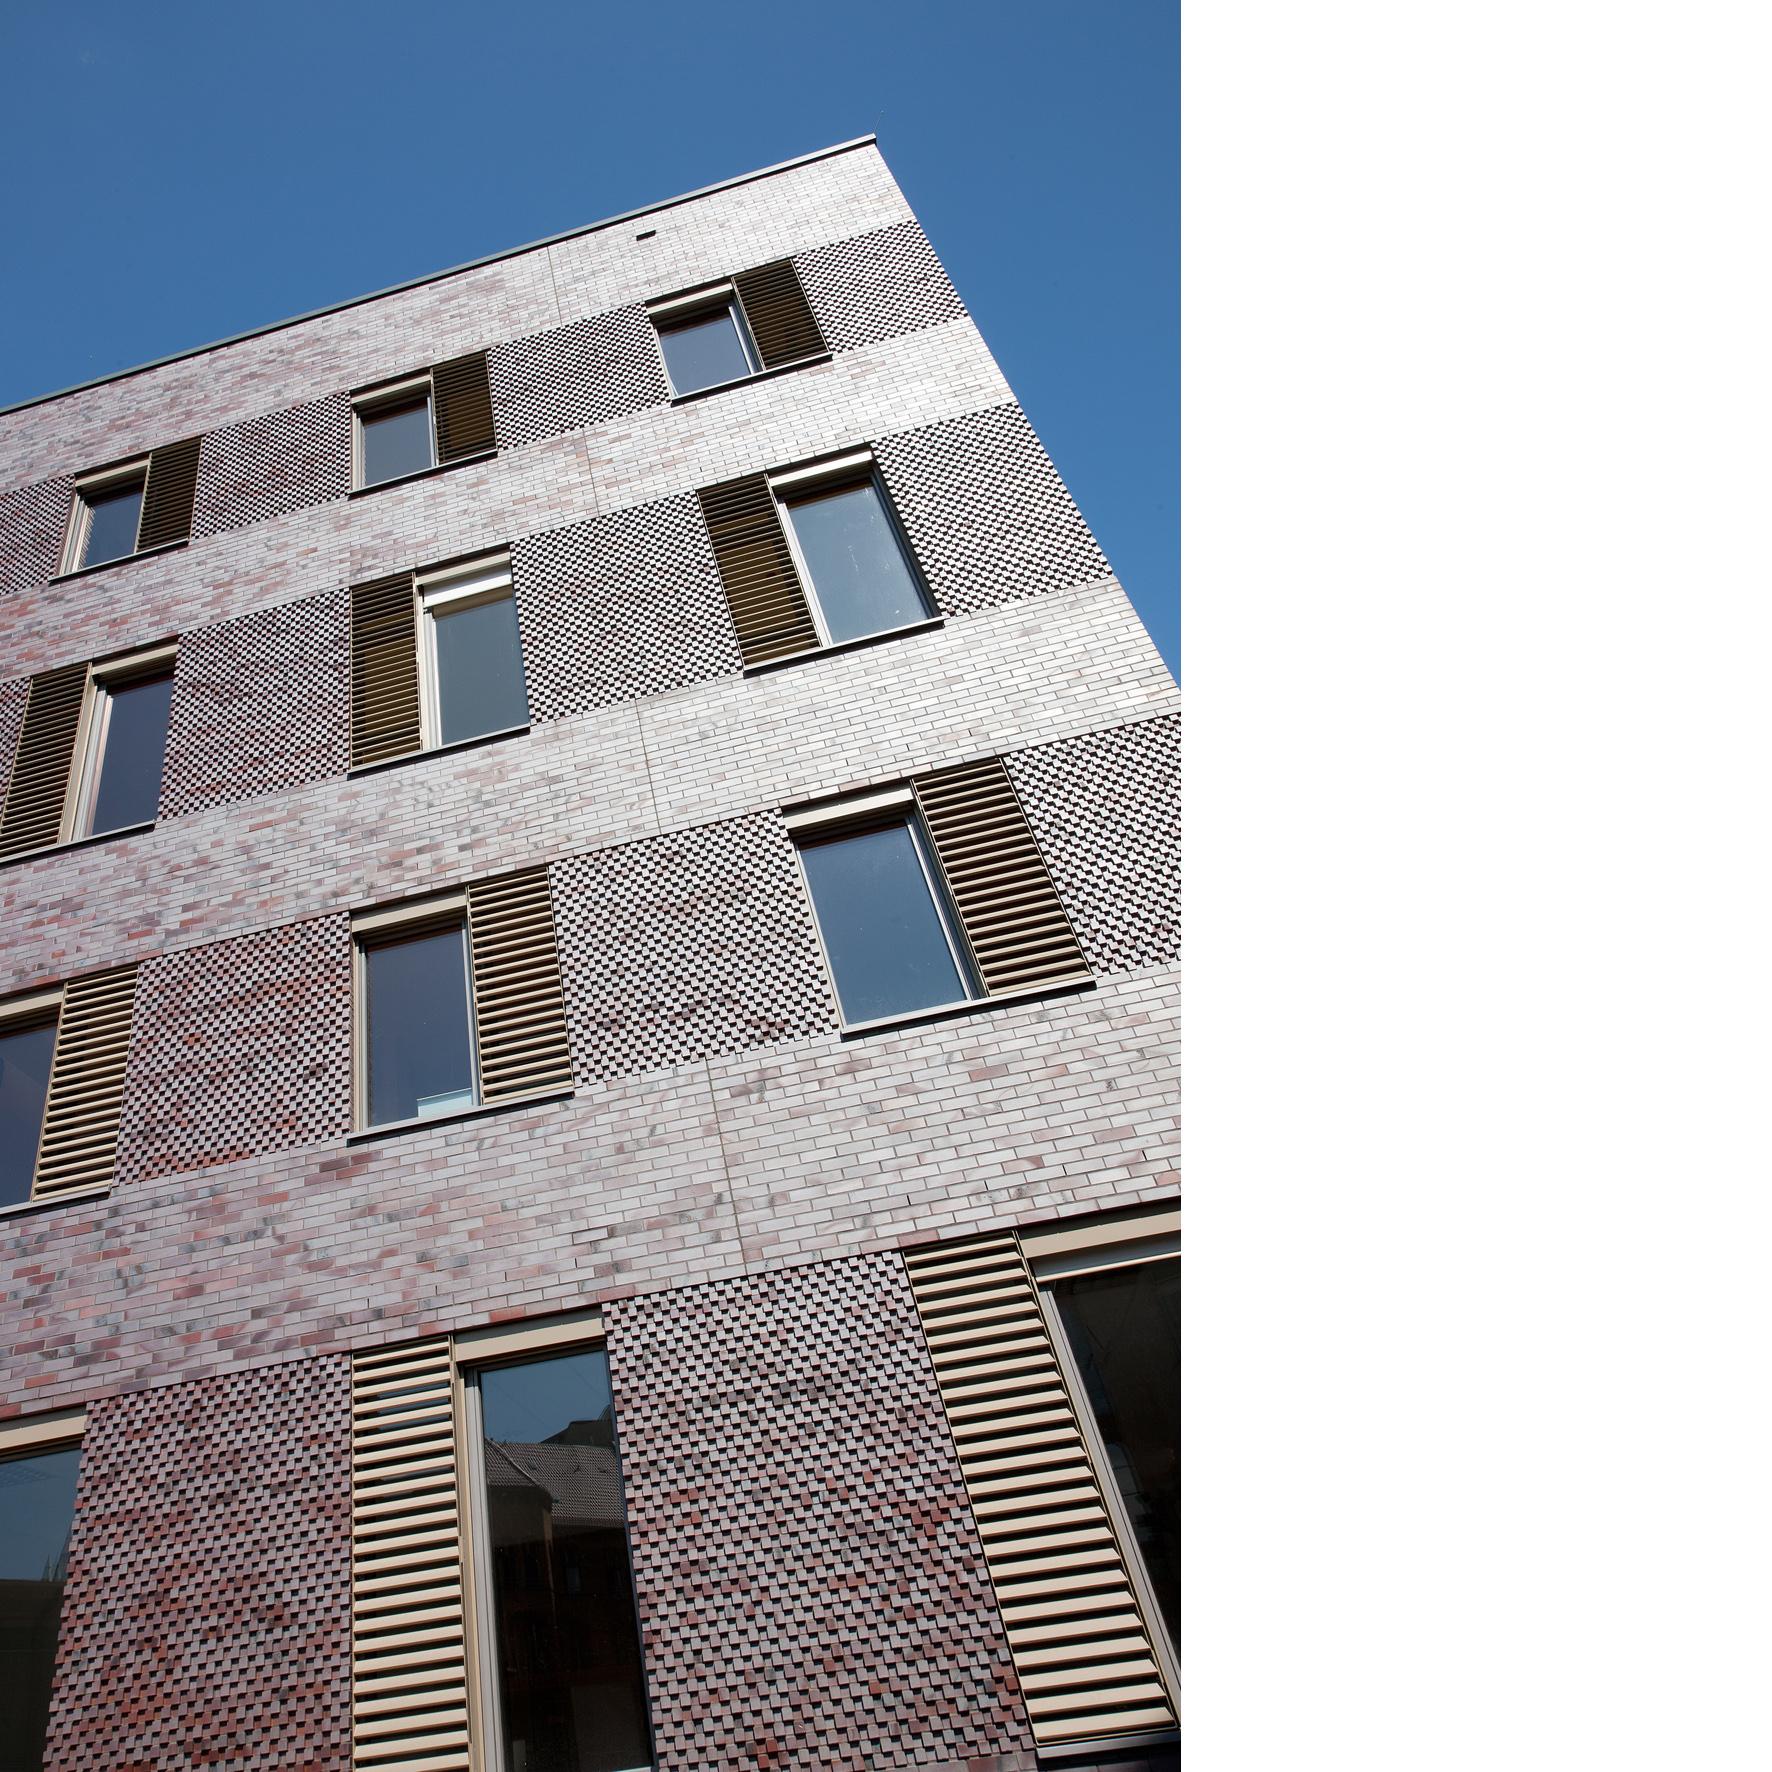 Unglaublich Architekten In Berlin Sammlung Von Gbk Berlin; Gbk